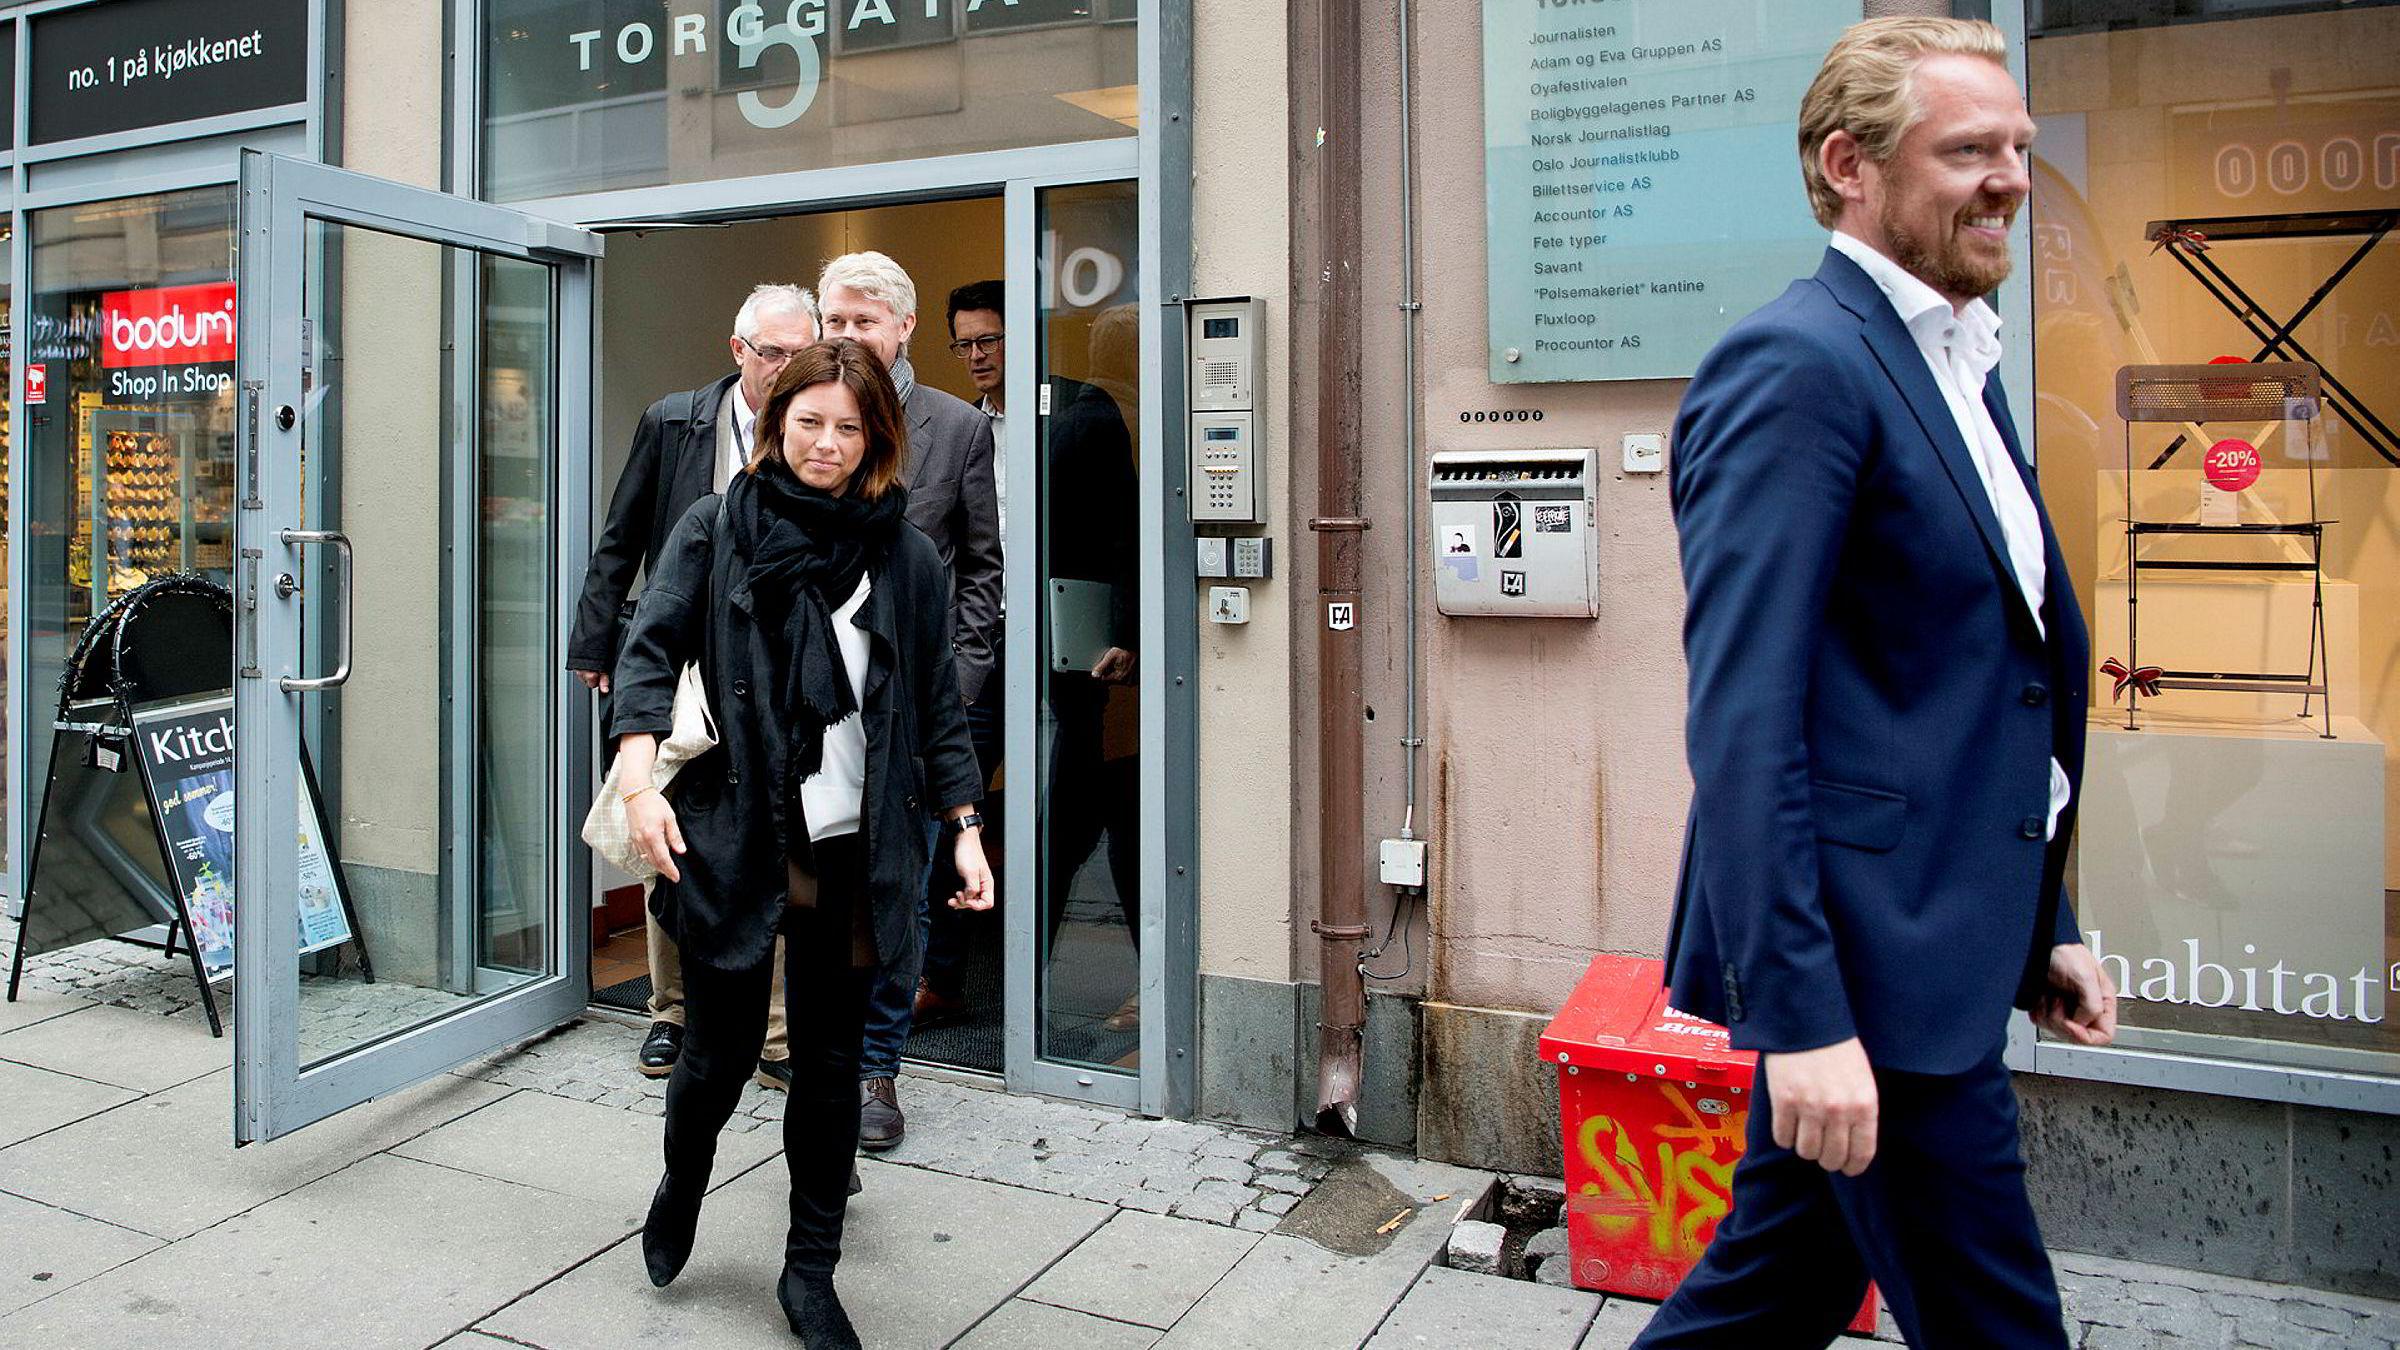 Sarah Willand er organisasjons- og kommunikasjonsdirektør i TV 2, som nå mister nyhets- og sportsredaktør Jan Ove Årsæther (til høyre). TV 2-sjef Olav T. Sandnes skimtes bak Willand.